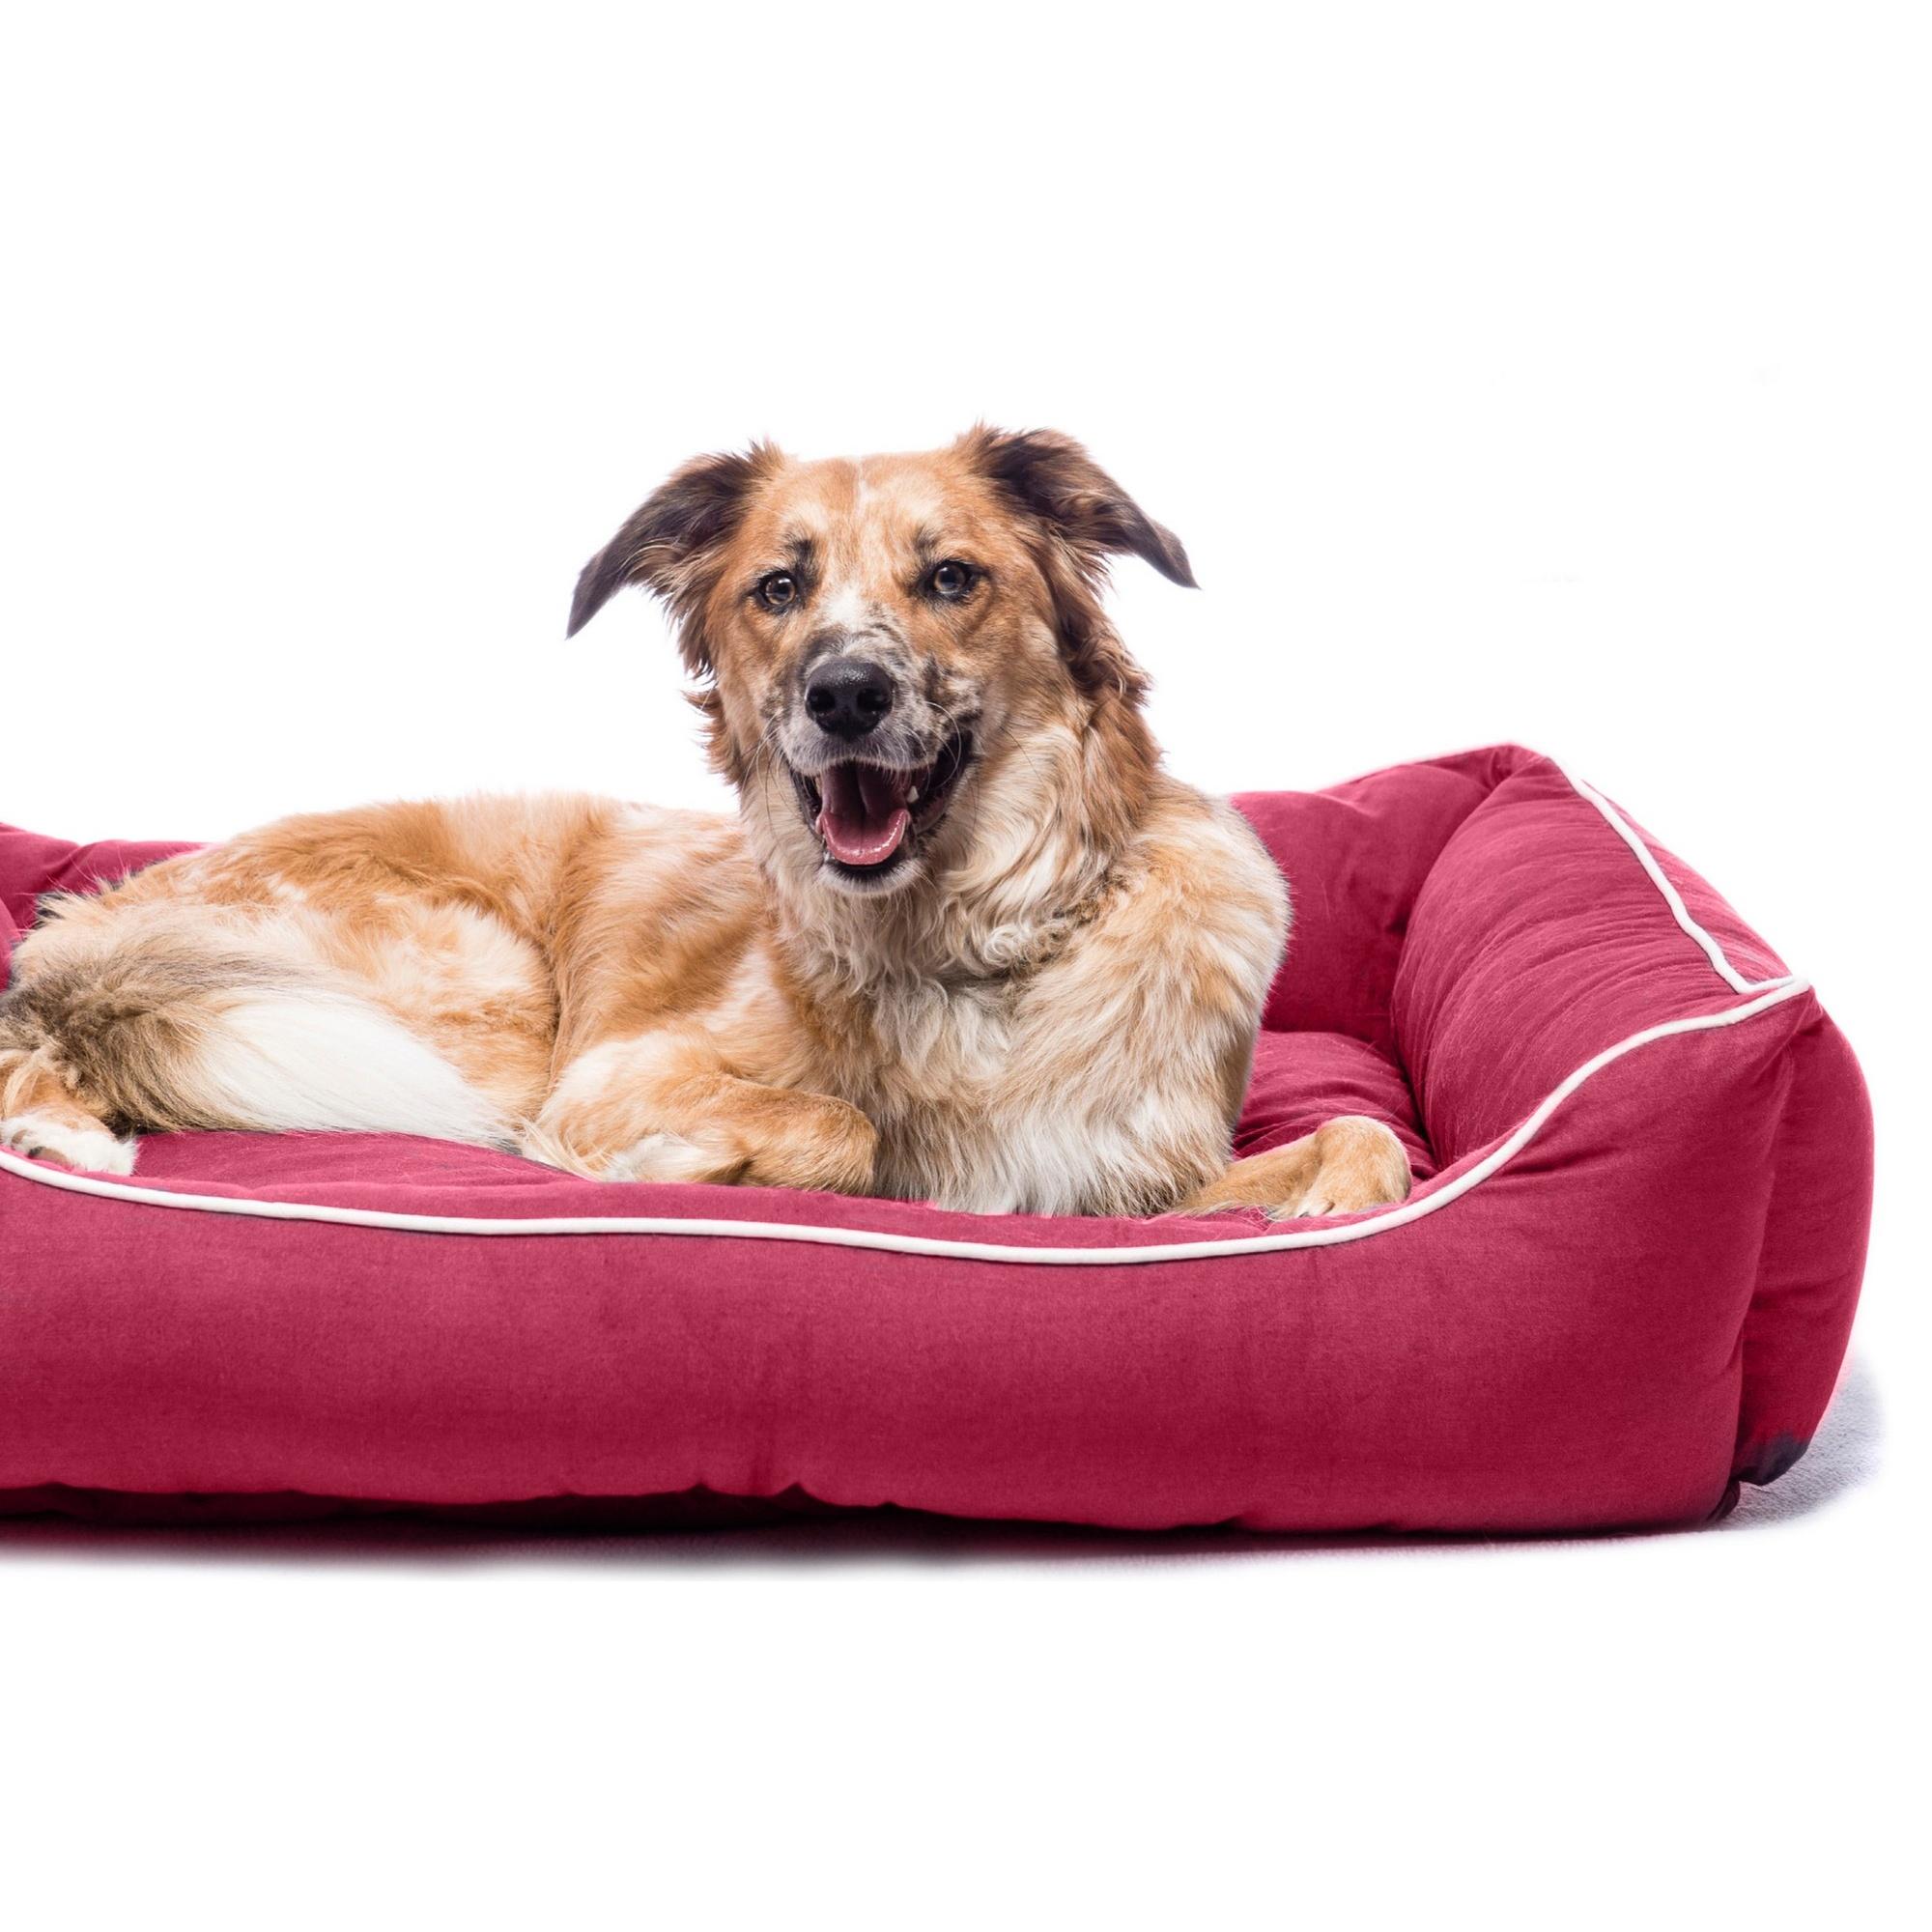 Dog Gone Smart Lounger Dog Bed Vp345 Ebay